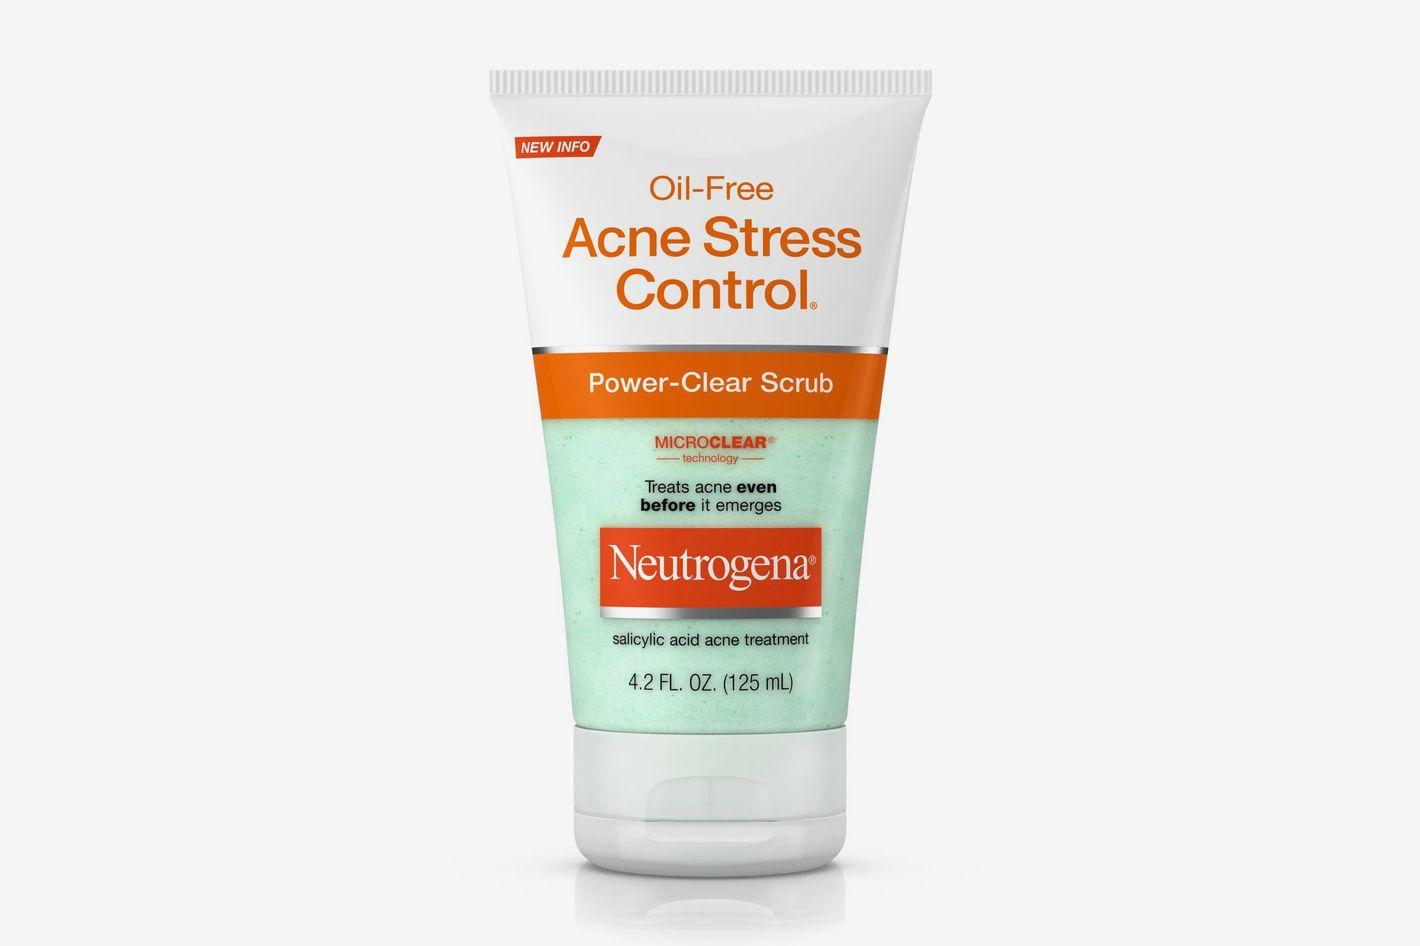 Neutrogena Oil-Free Acne Stress Control Power-Clear Scrub